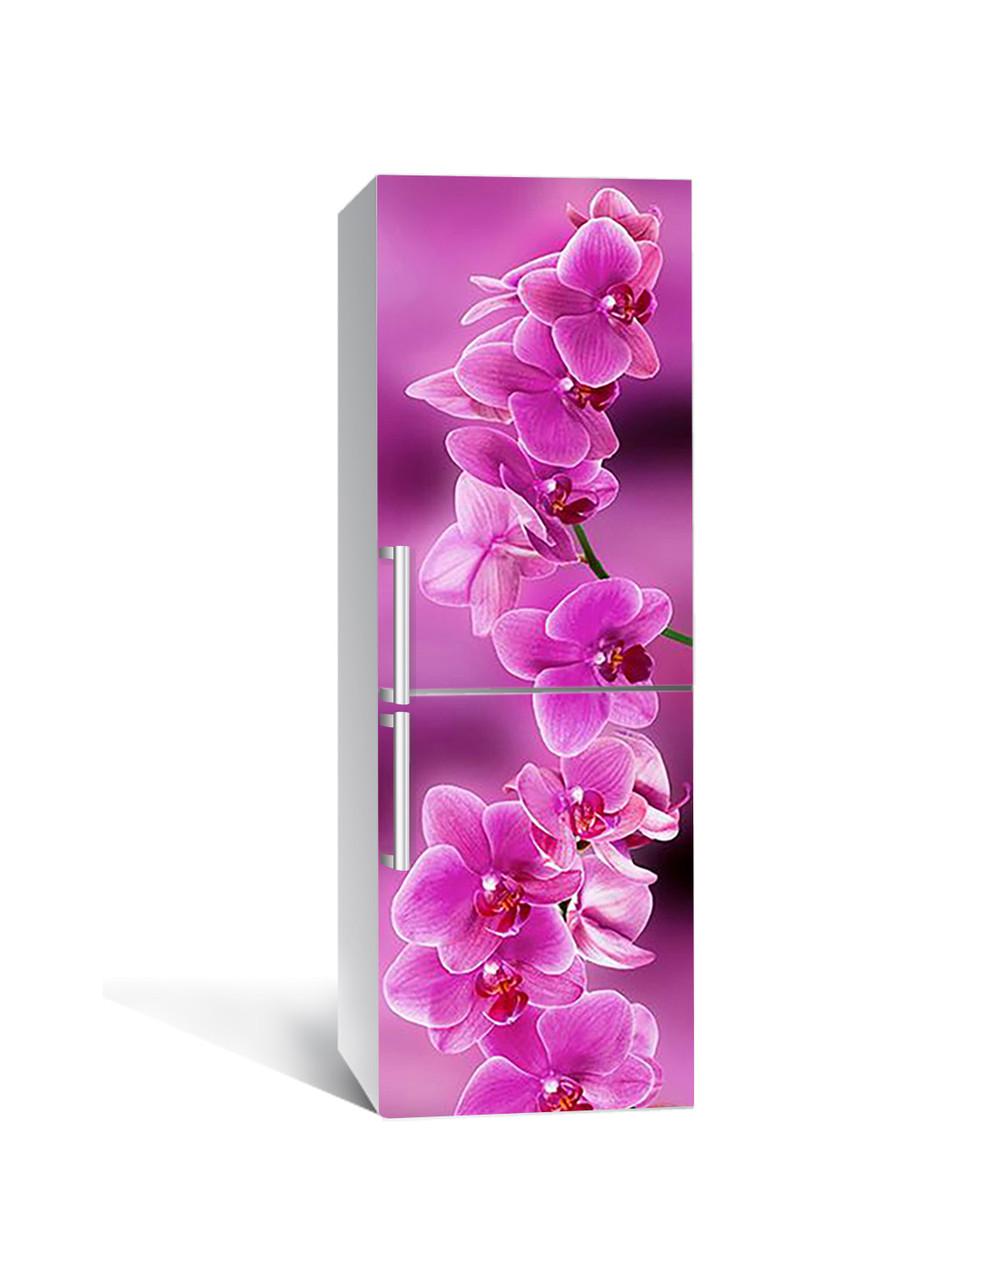 Виниловая наклейка на холодильник Ветка розовых Орхидей самоклеющаяся ламинированная пленка ПВХ цветы орхидеи